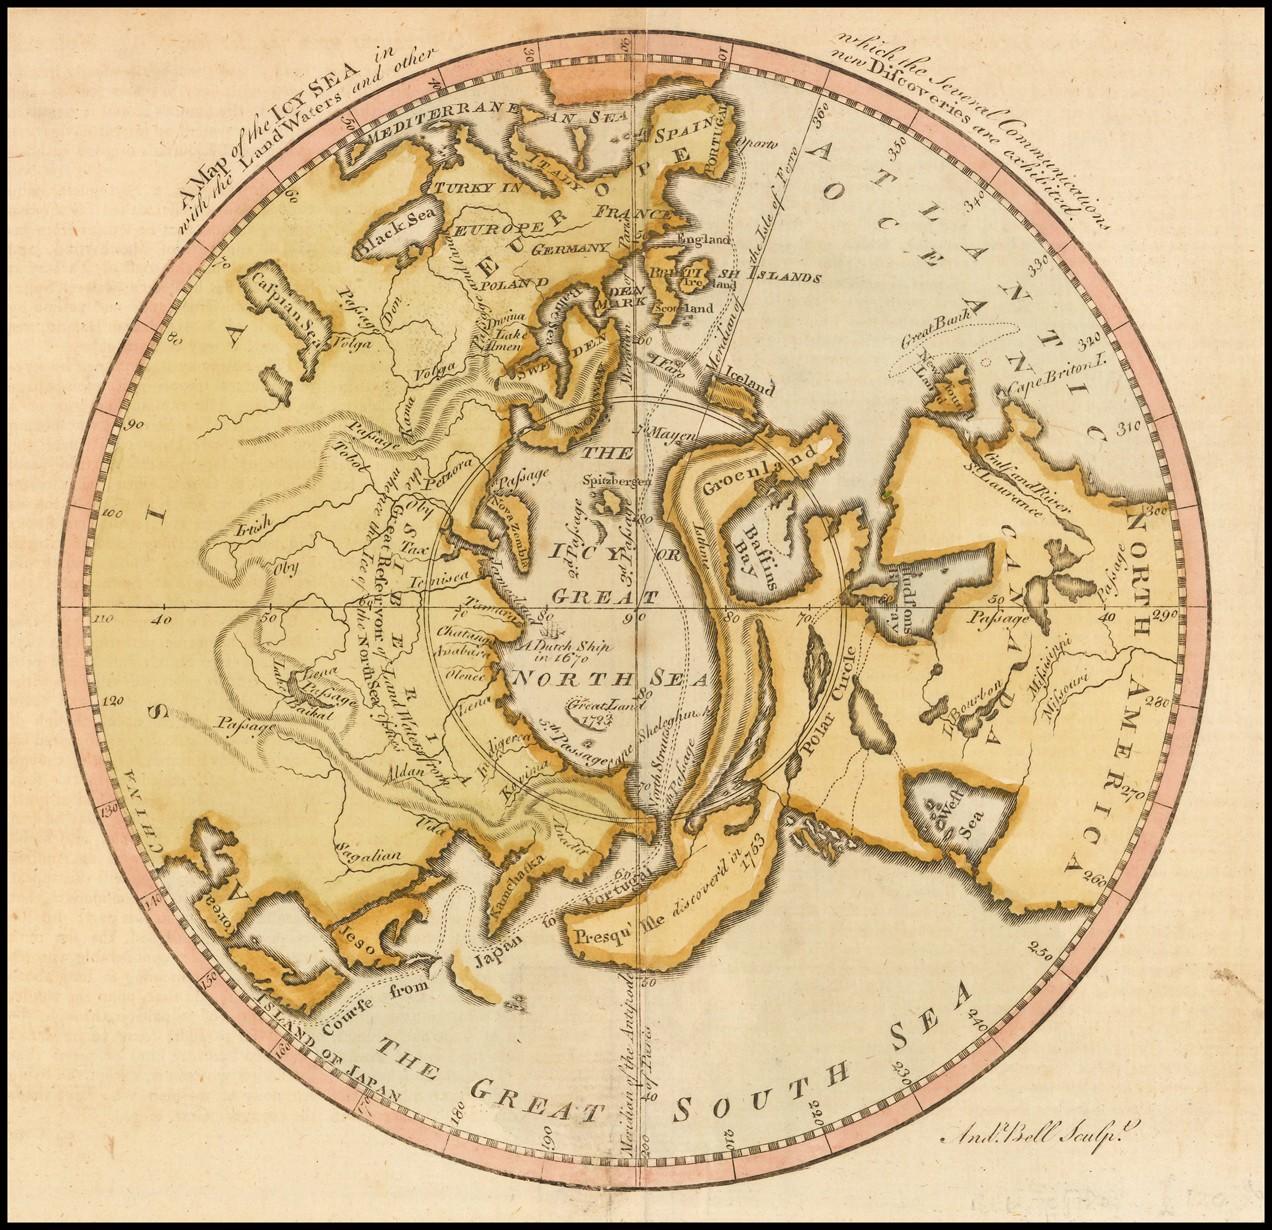 Карта ледяного моря, на которой показаны несколько сообщений с сухопутными водами и другие открытия